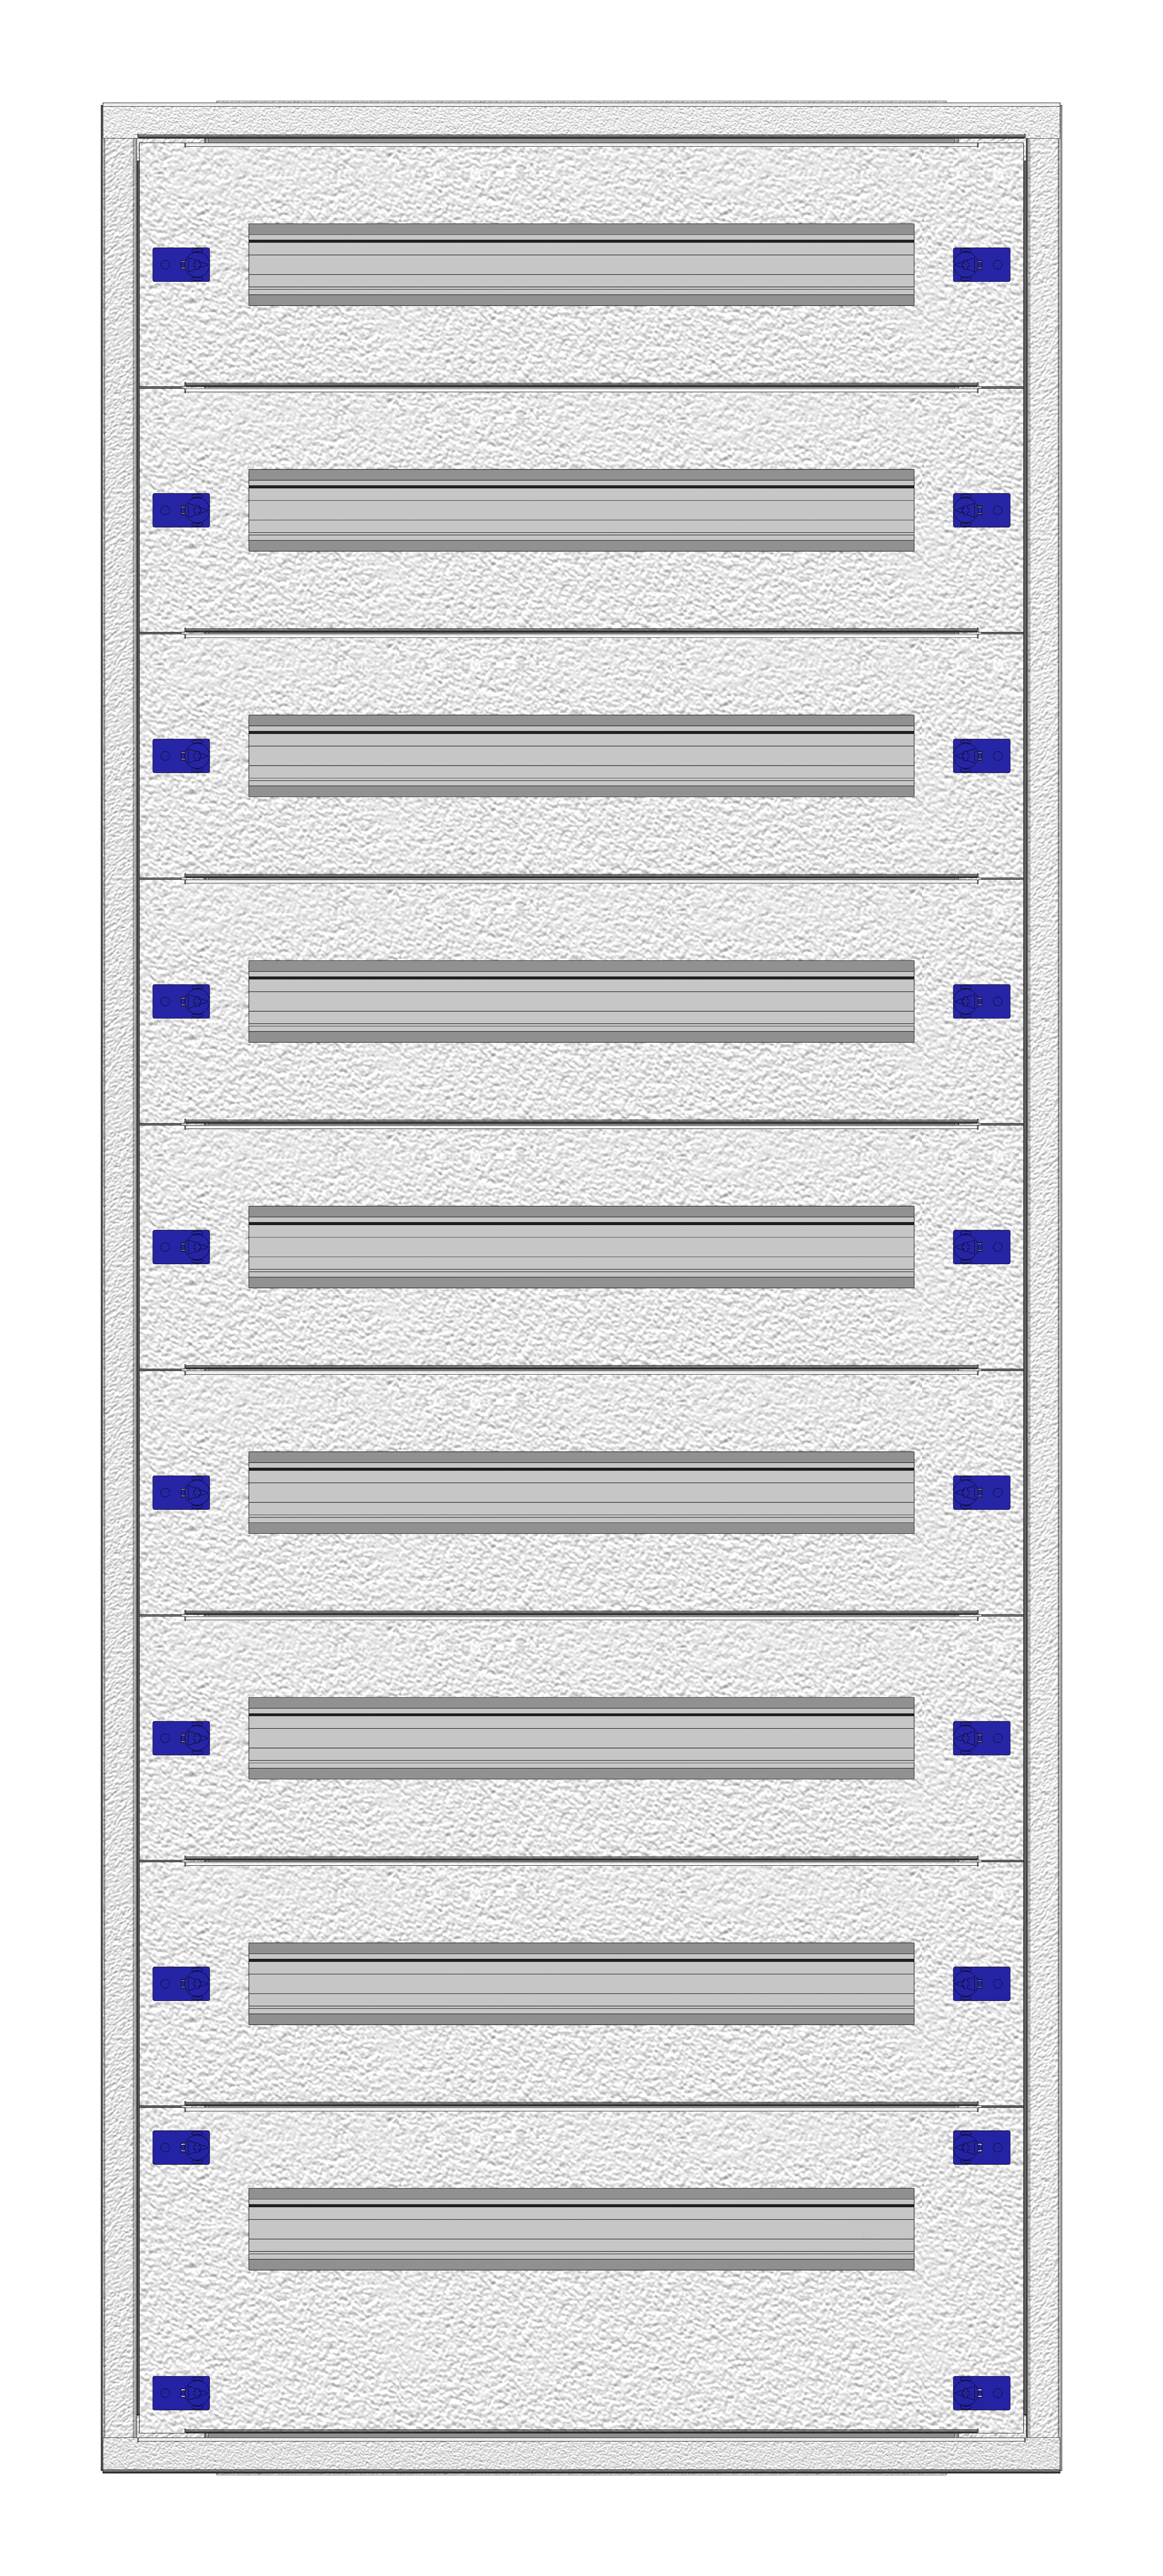 1 Stk Aufputz-Installationsverteiler 2A-28K, H1380B590T250mm IL172228AS